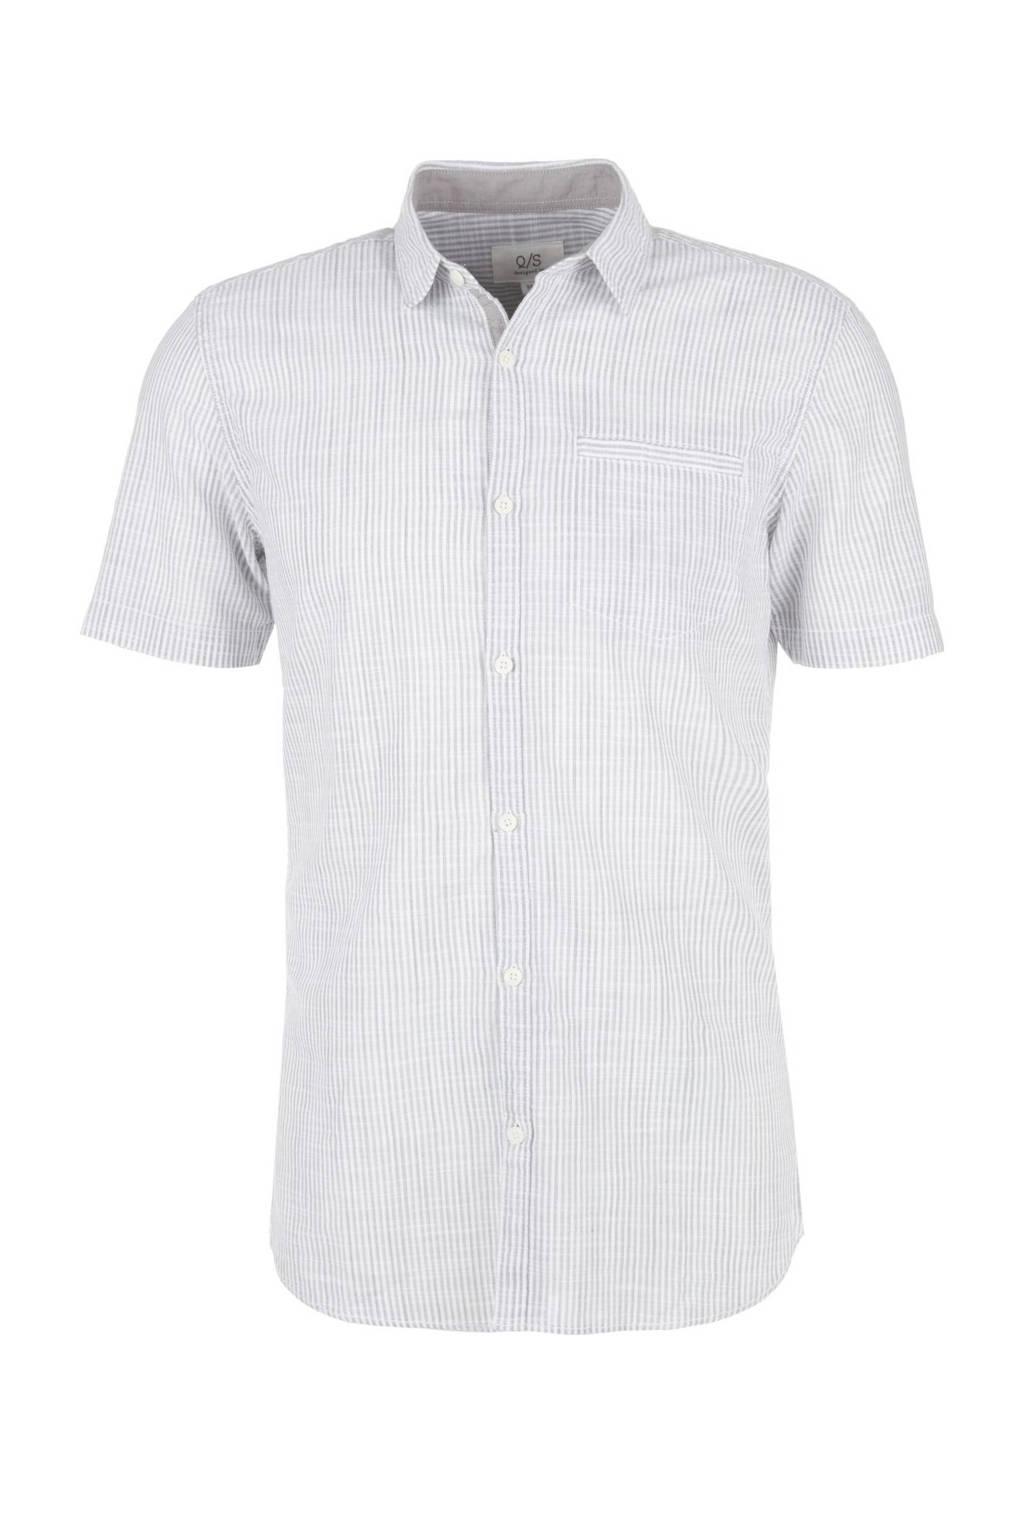 Q/S designed by gestreept regular fit overhemd grijs, Grijs